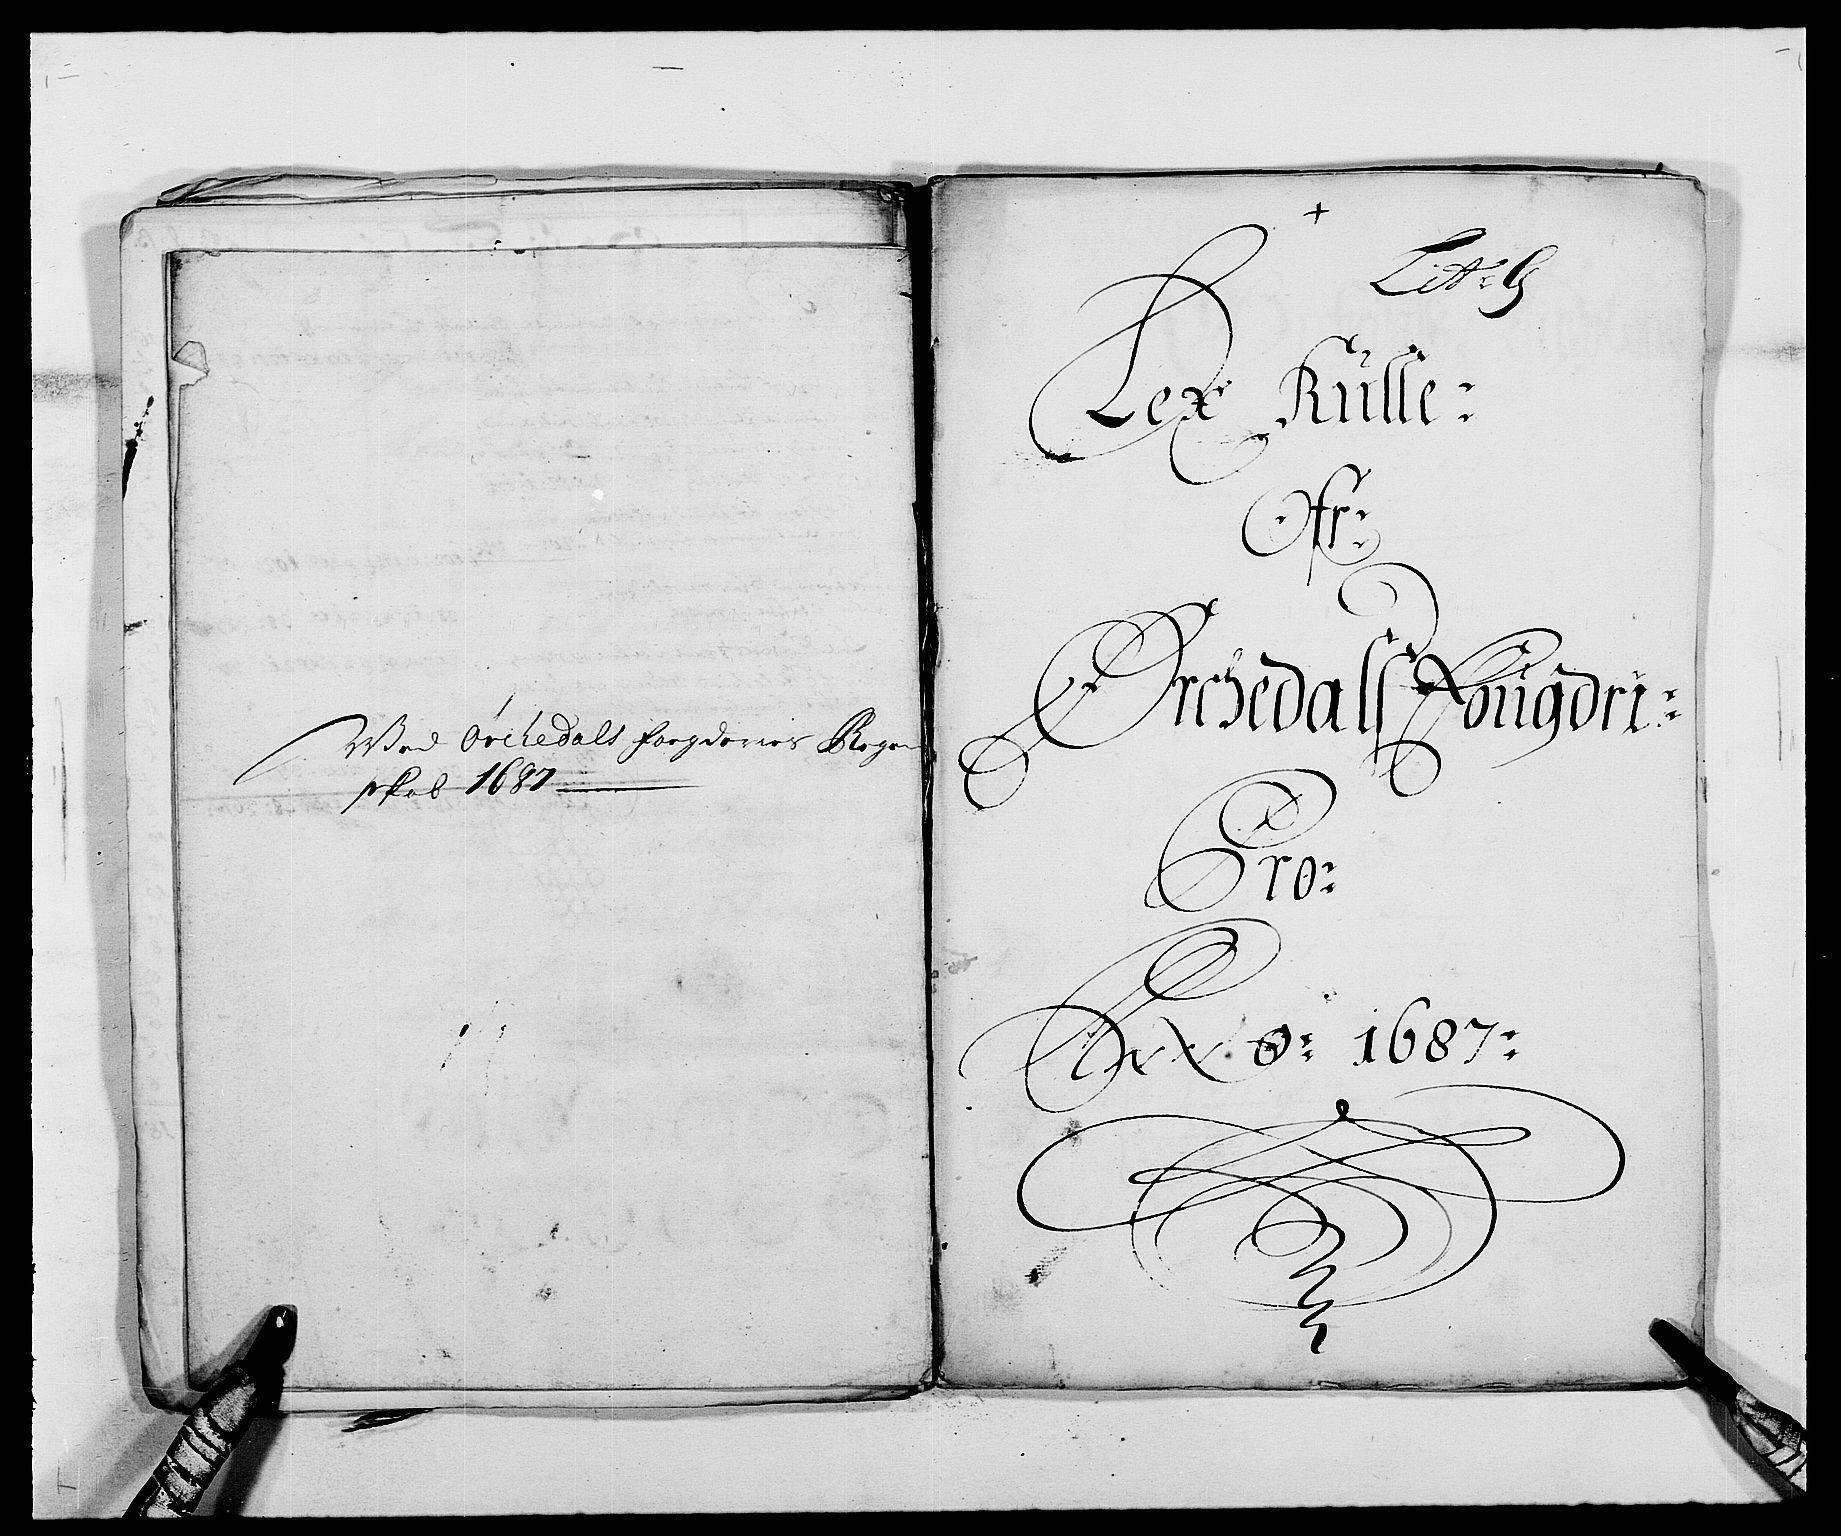 RA, Rentekammeret inntil 1814, Reviderte regnskaper, Fogderegnskap, R58/L3935: Fogderegnskap Orkdal, 1687-1688, s. 88